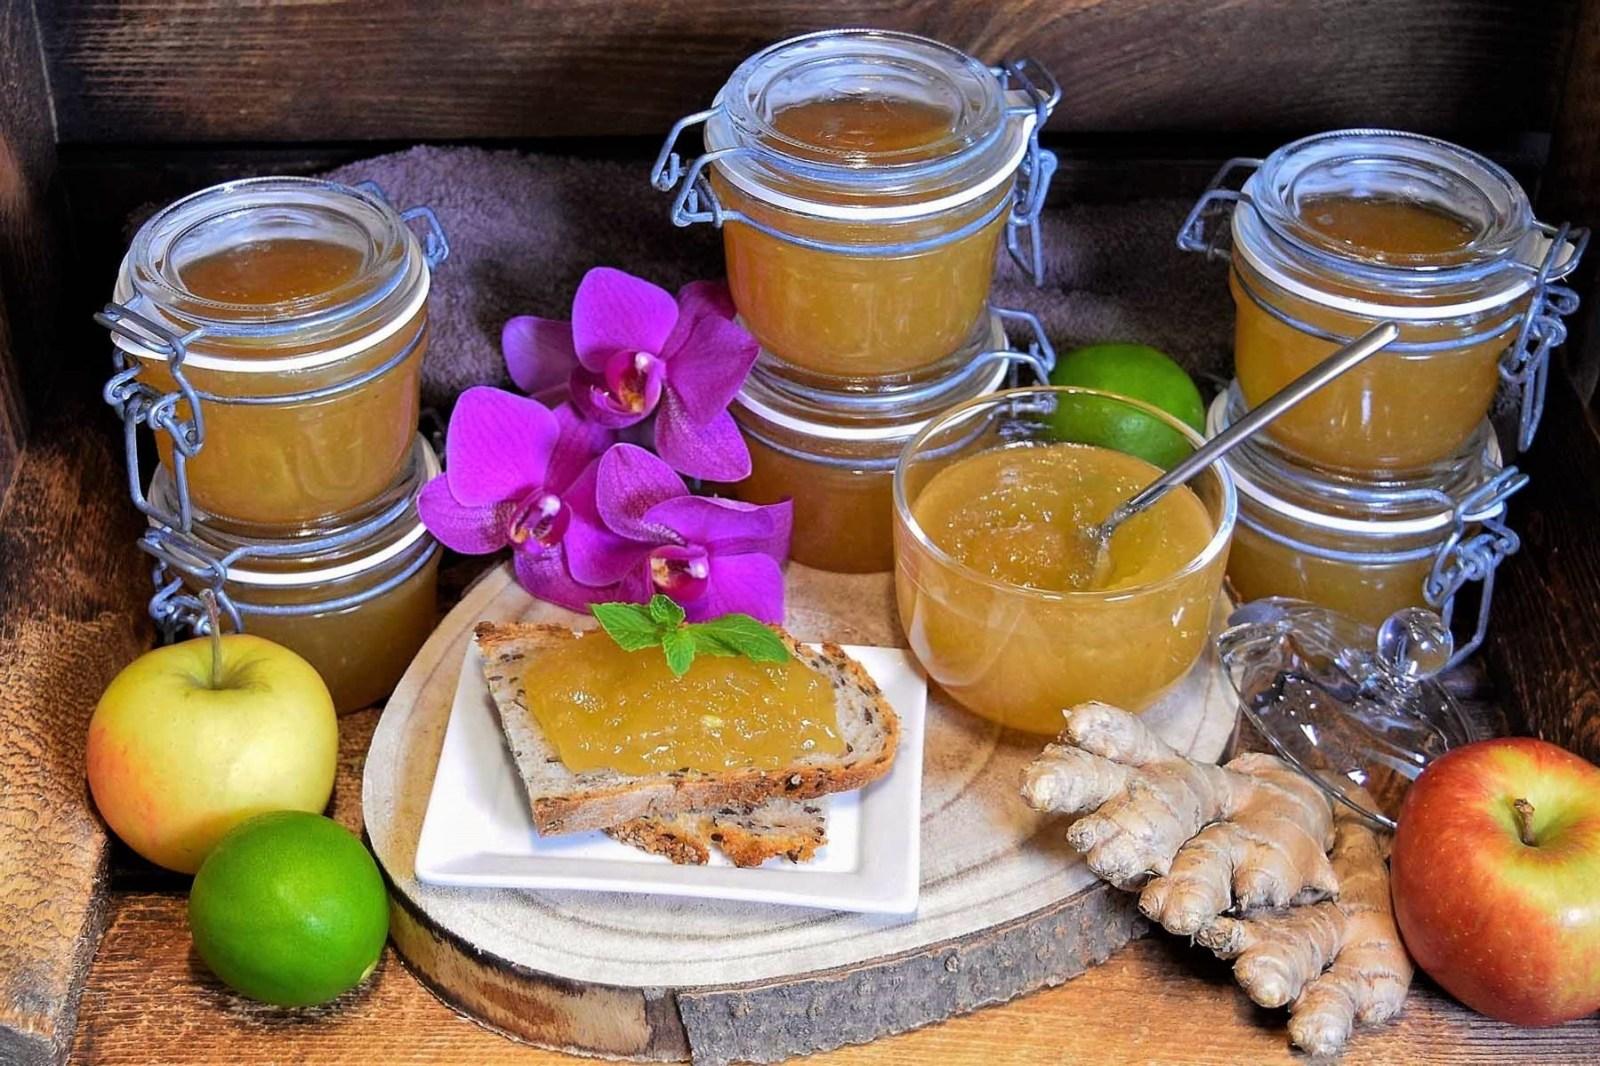 Apfel-Birne-Ingwer Marmelade-Rezept-ballesworld